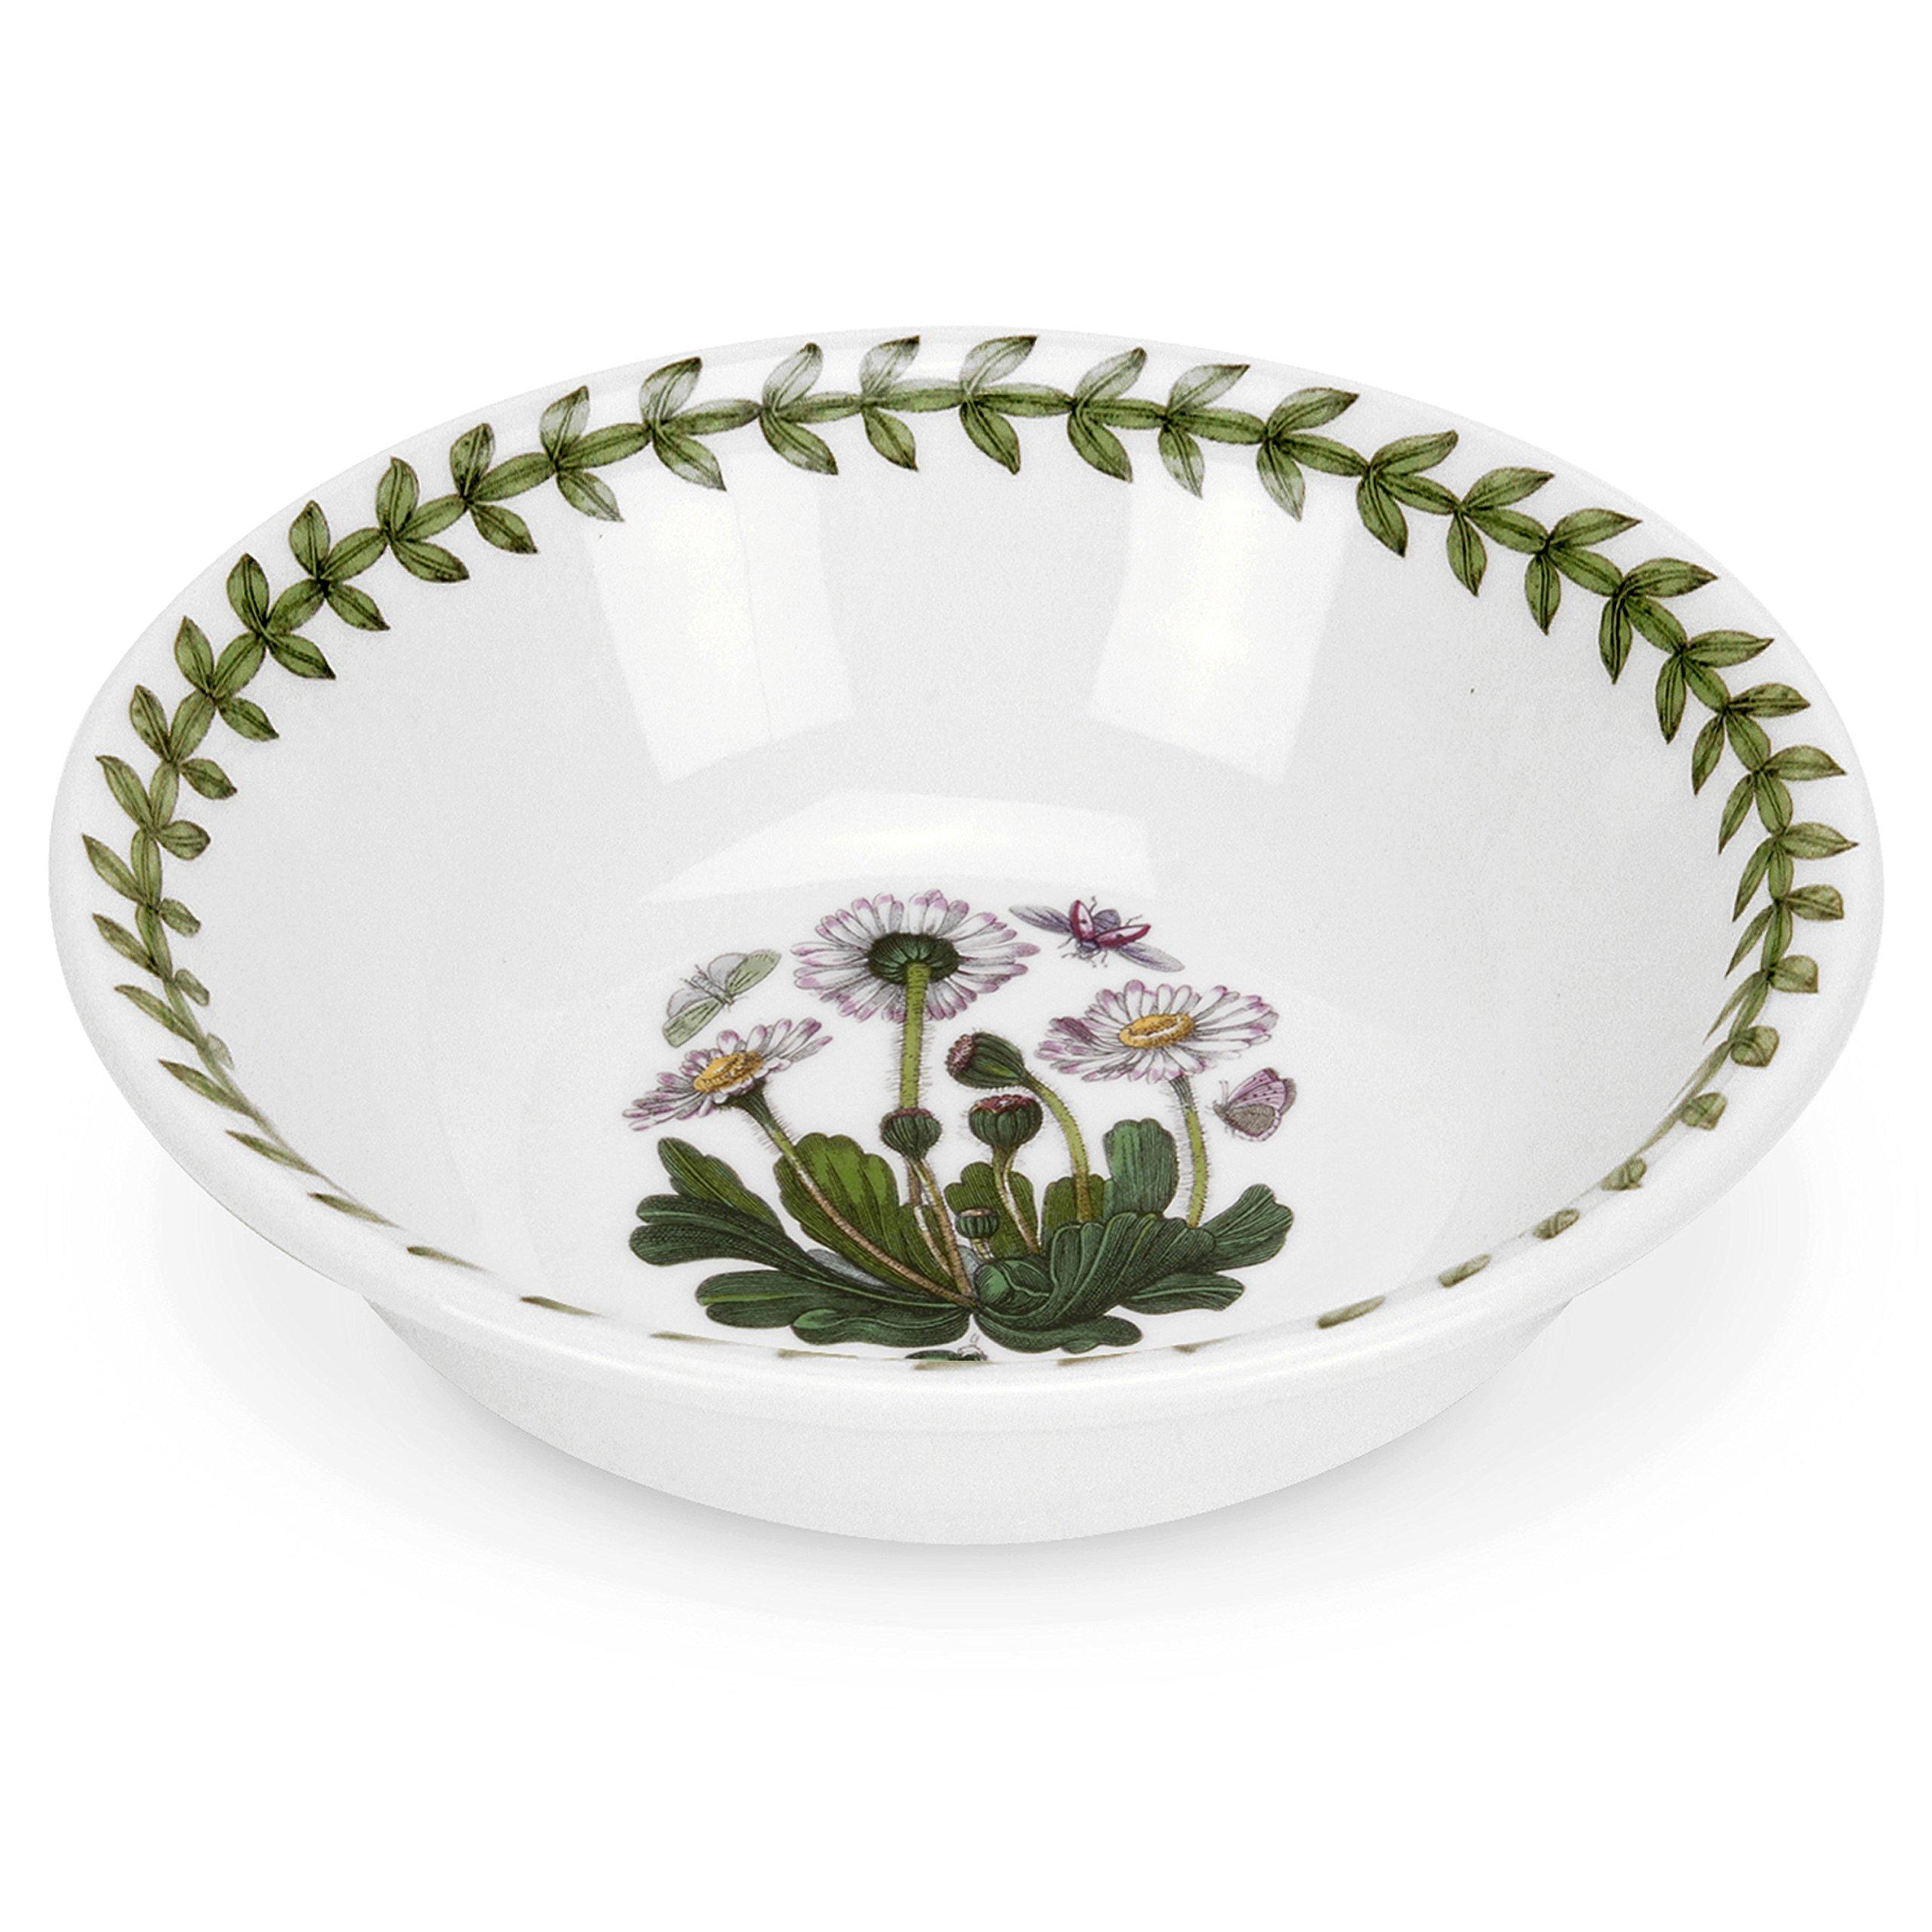 Portmeirion Botanic Garden Mini Dish/Bowl 5'' Set of 6